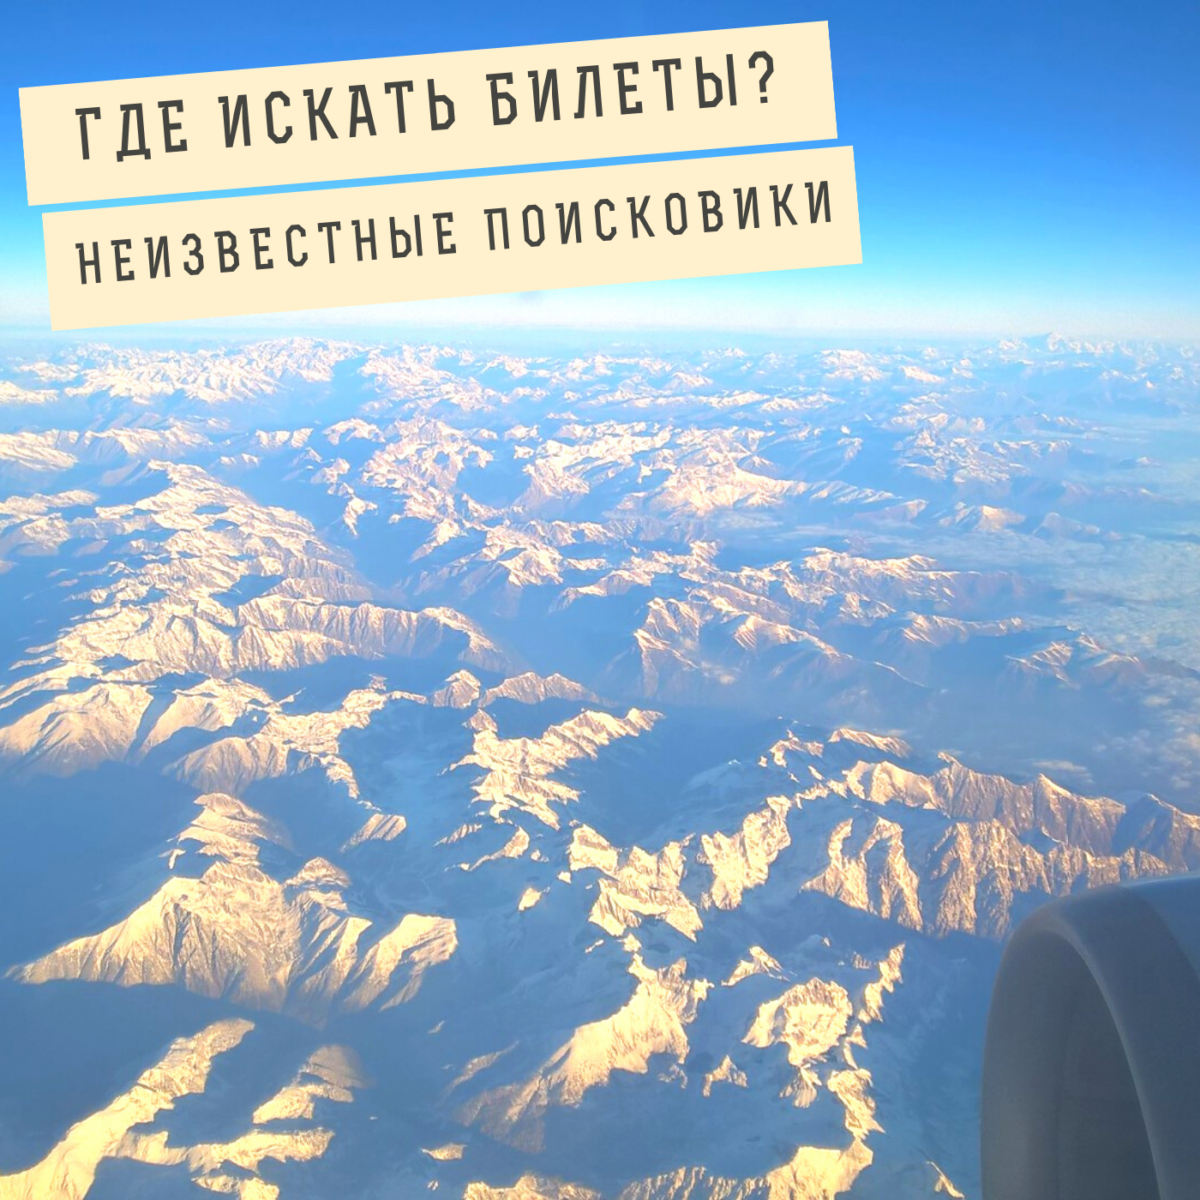 Где искать авиабилеты? Кроме aviasales и skyscanner